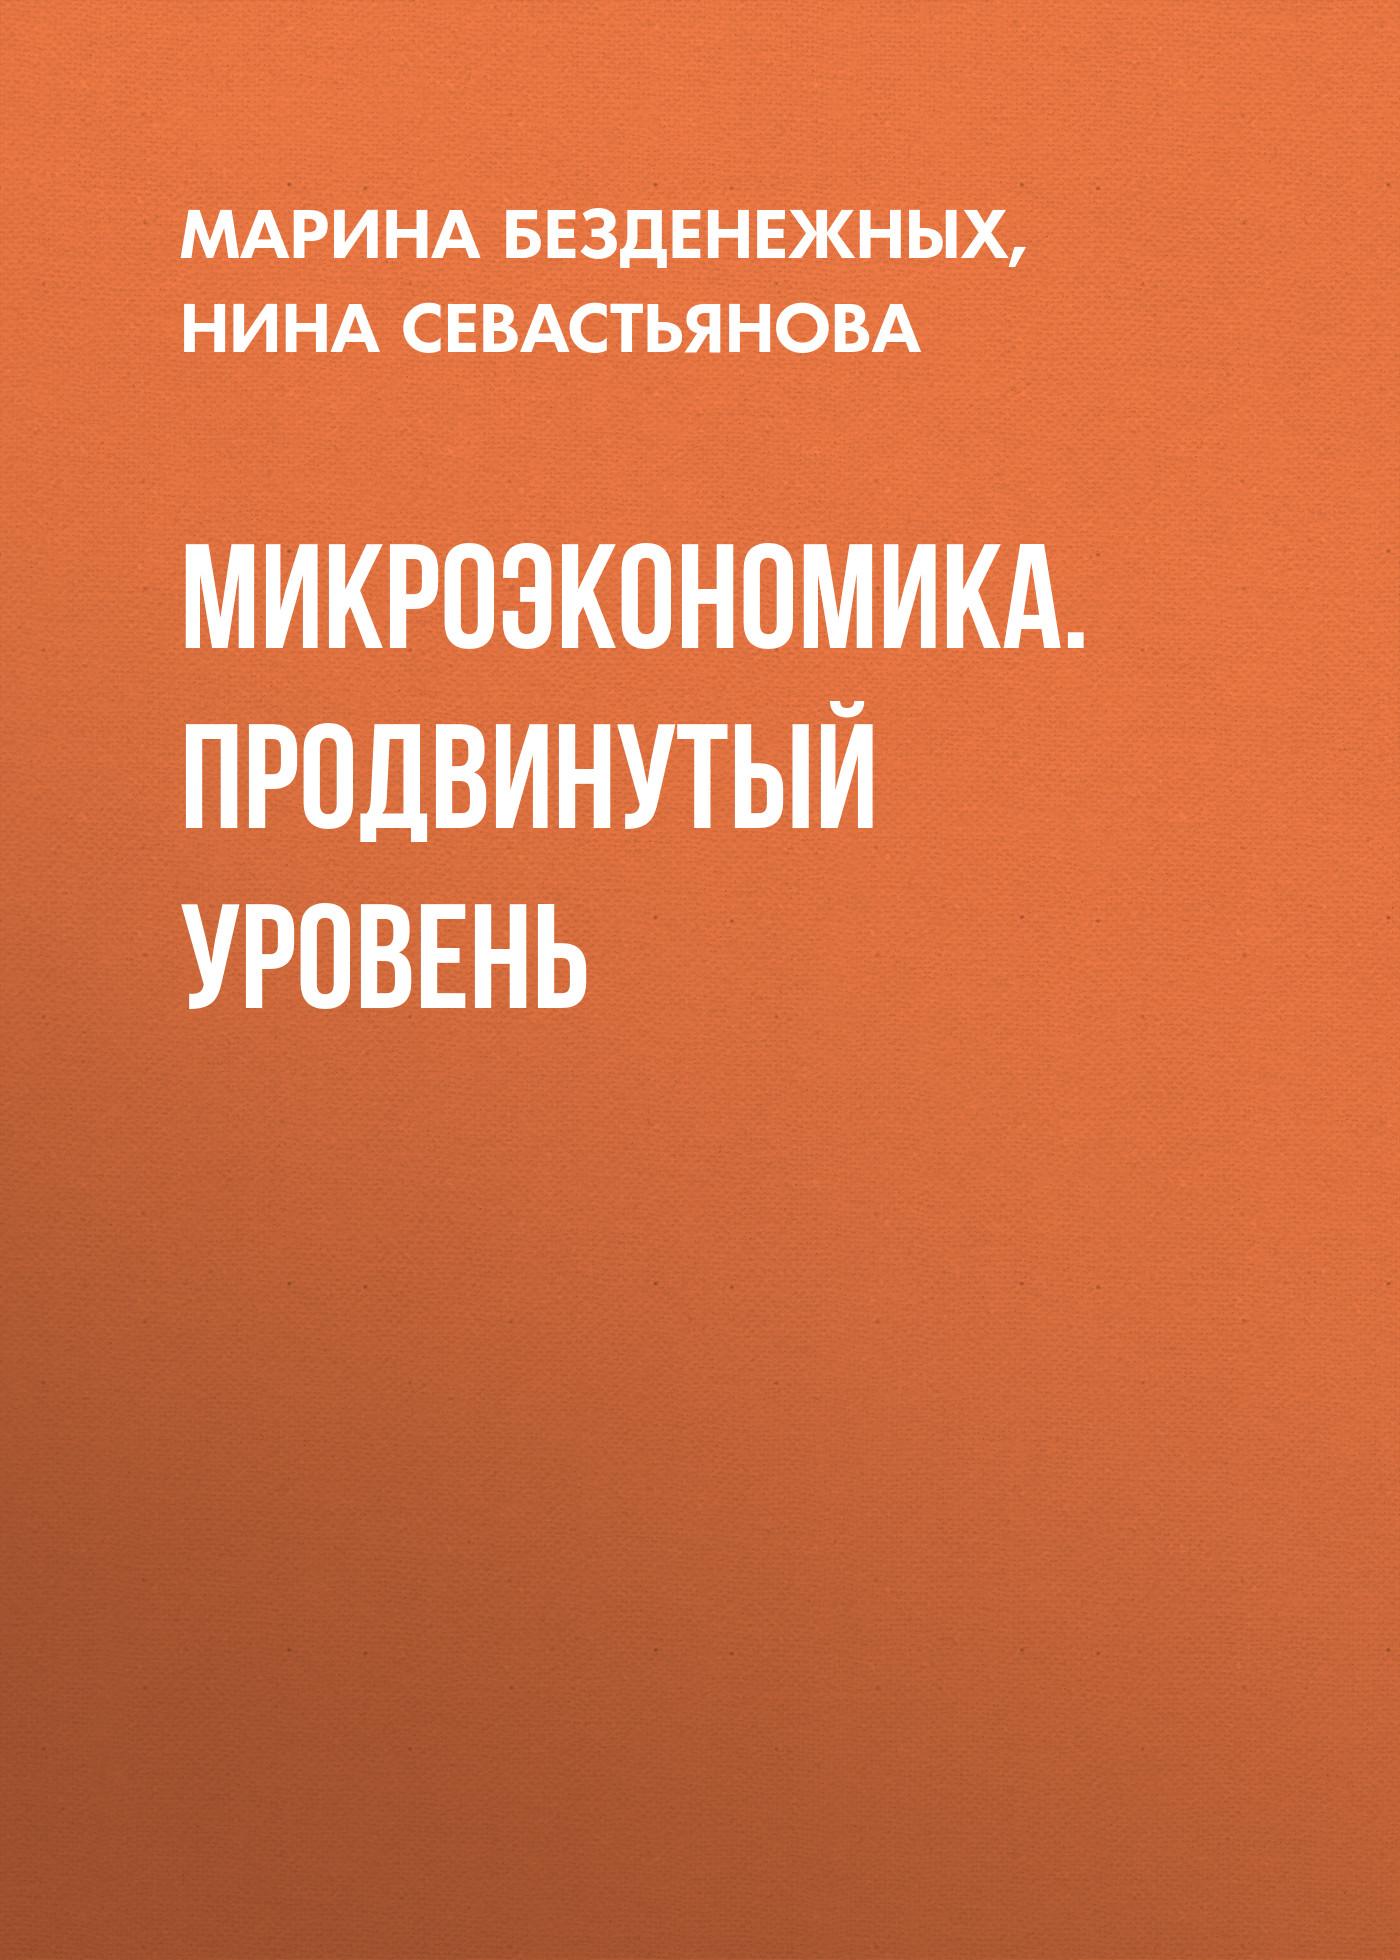 Нина Севастьянова Микроэкономика. Продвинутый уровень